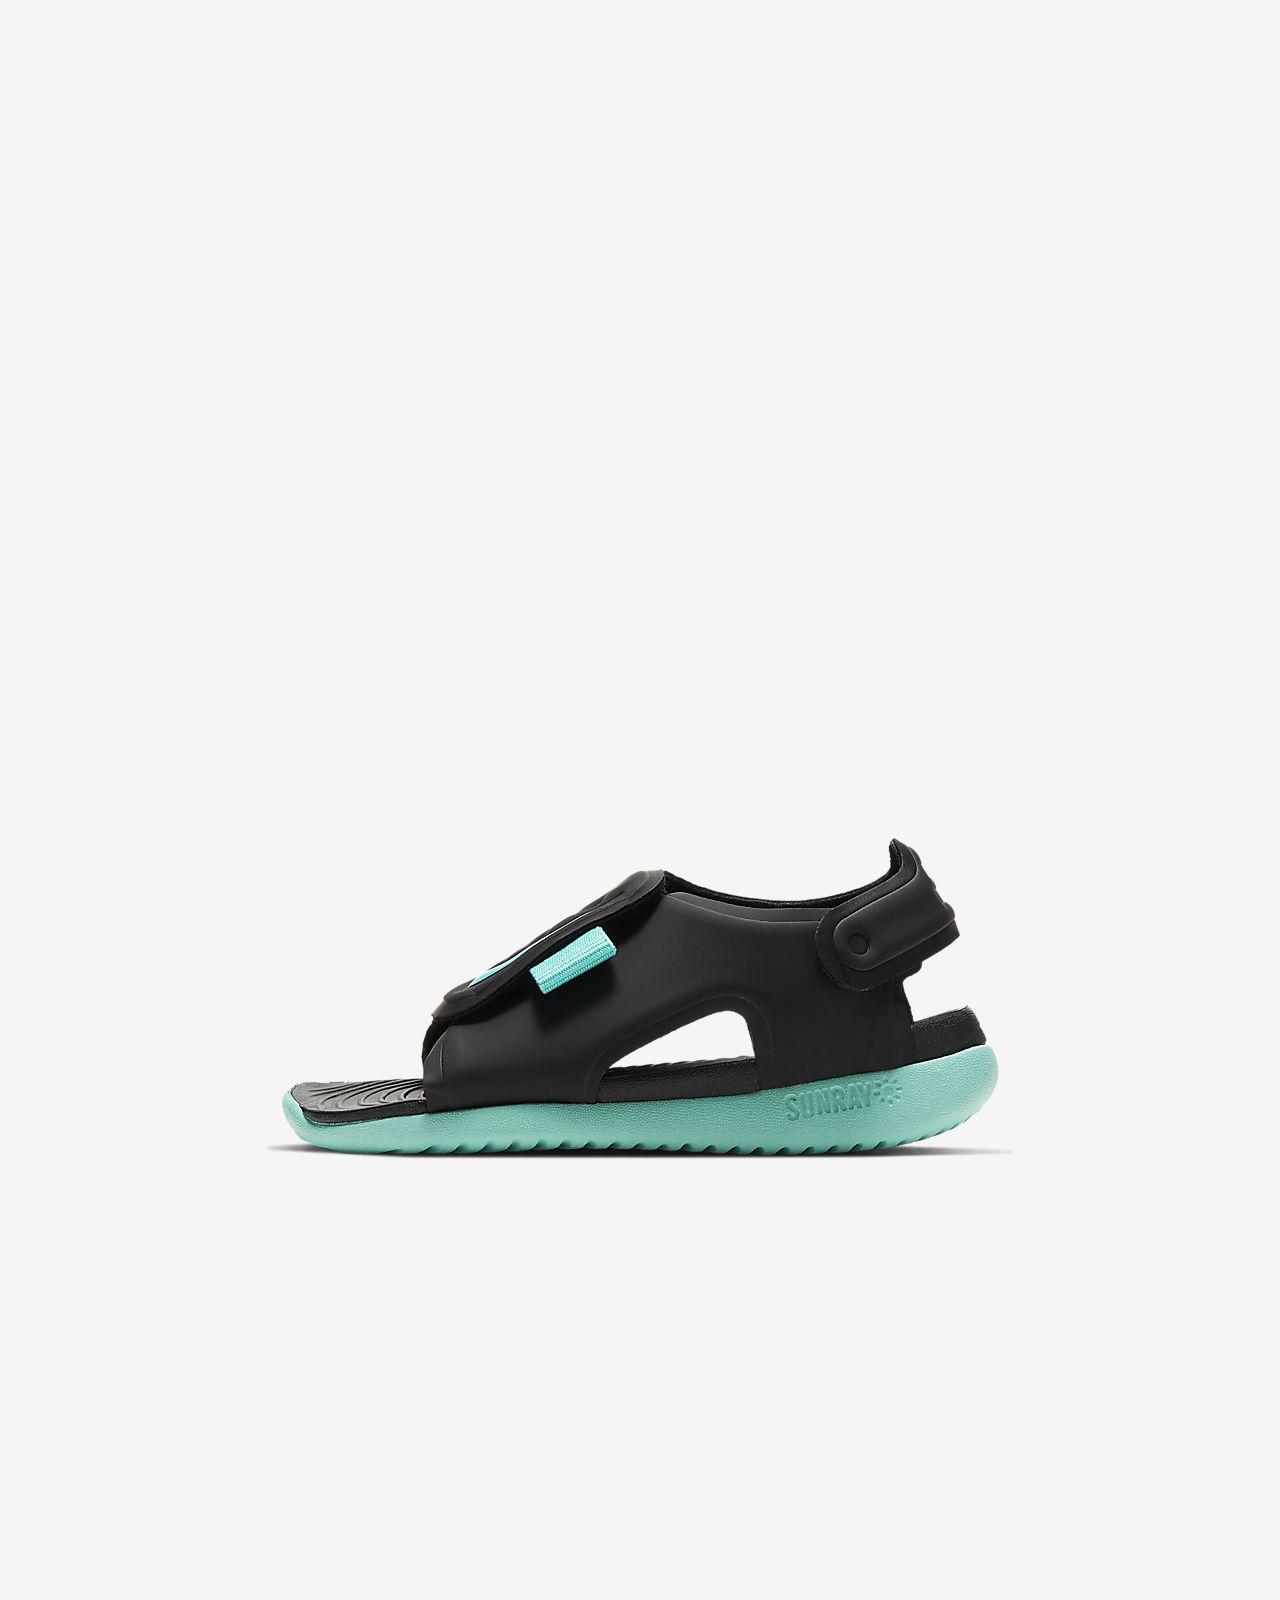 37a1d62fc69 Sandale Nike Sunray Adjust 5 pour Bébé Petit enfant. Nike.com CA